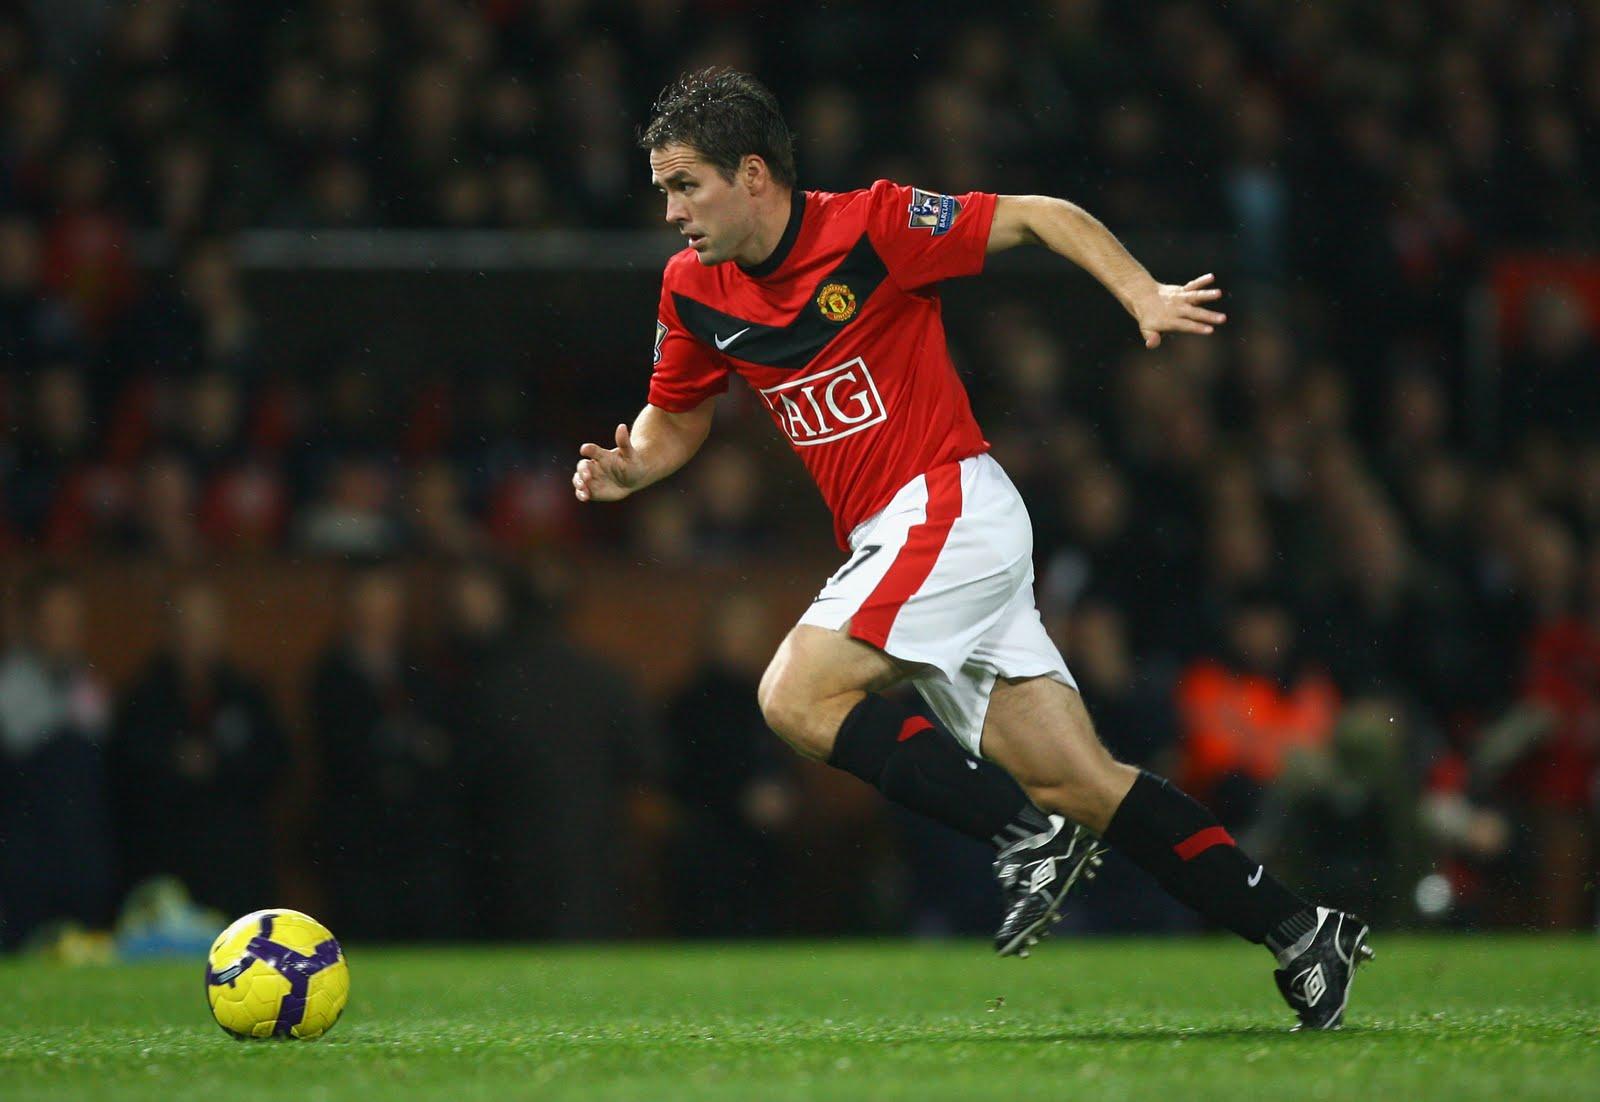 Ronaldo, Beckham & Những cầu thủ từng khoác áo Real lẫn Man Utd - Bóng Đá